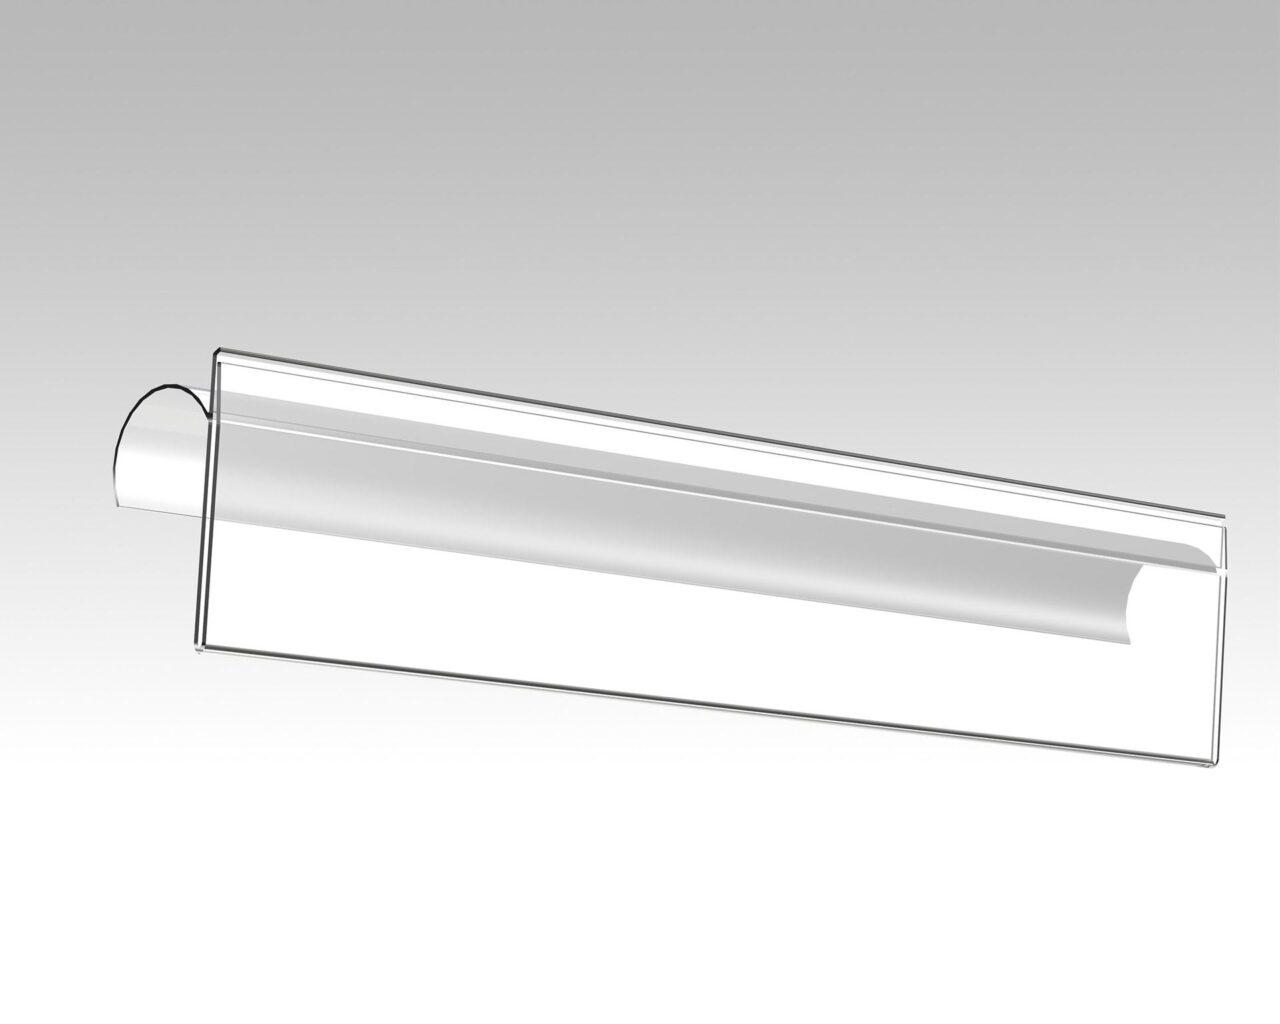 PEK3 Easytube Plastic Accessories NP-250